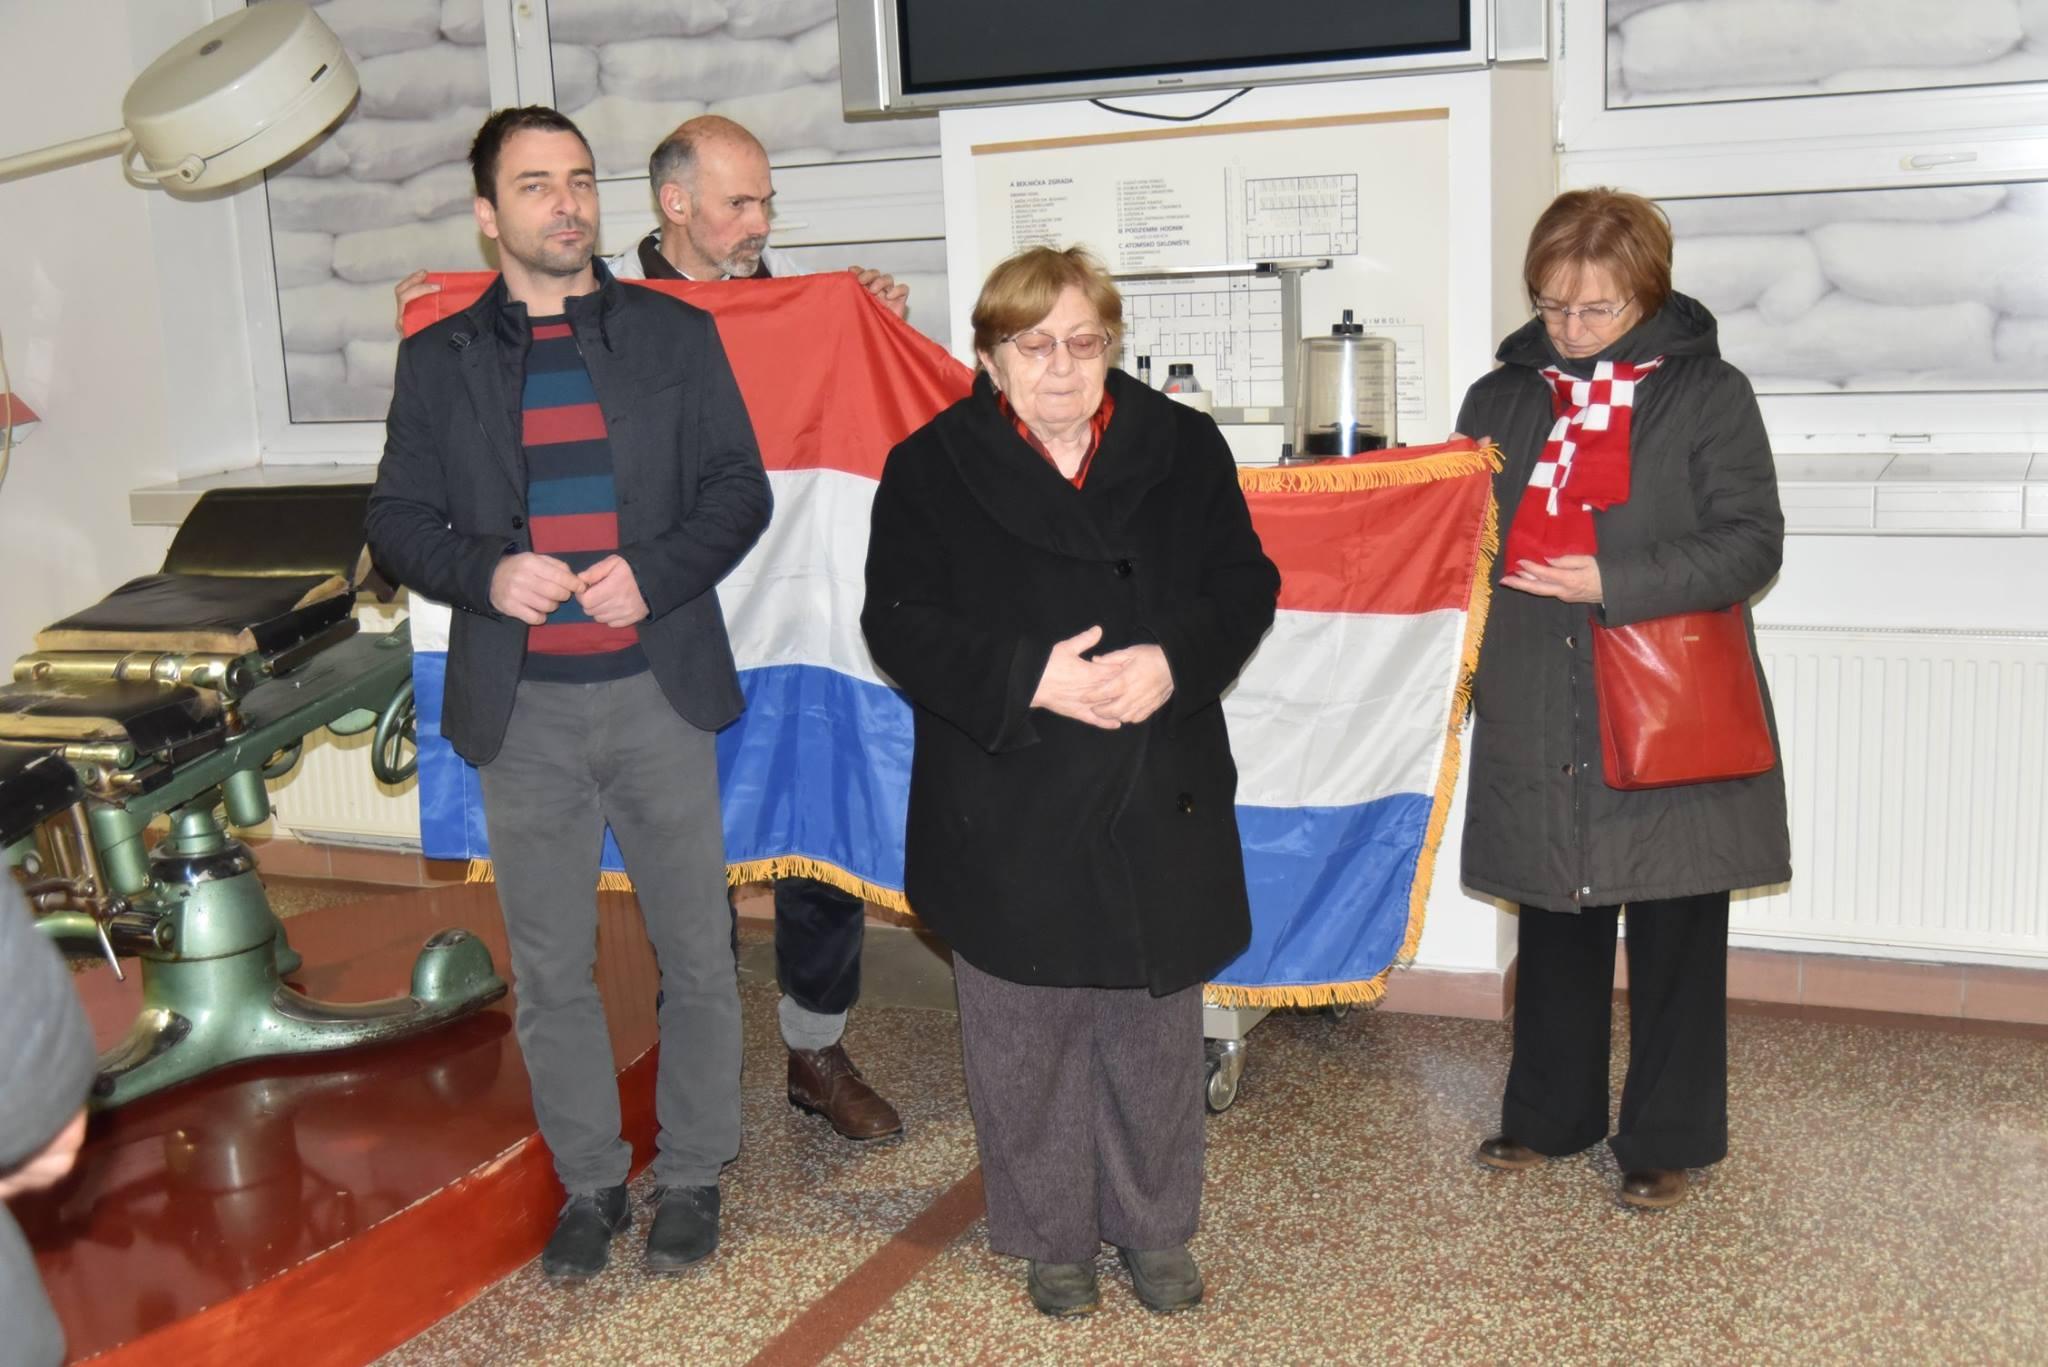 Da se ne zaboravi majka Kata Šoljić 6 dr Bosanac Vukovar 2018